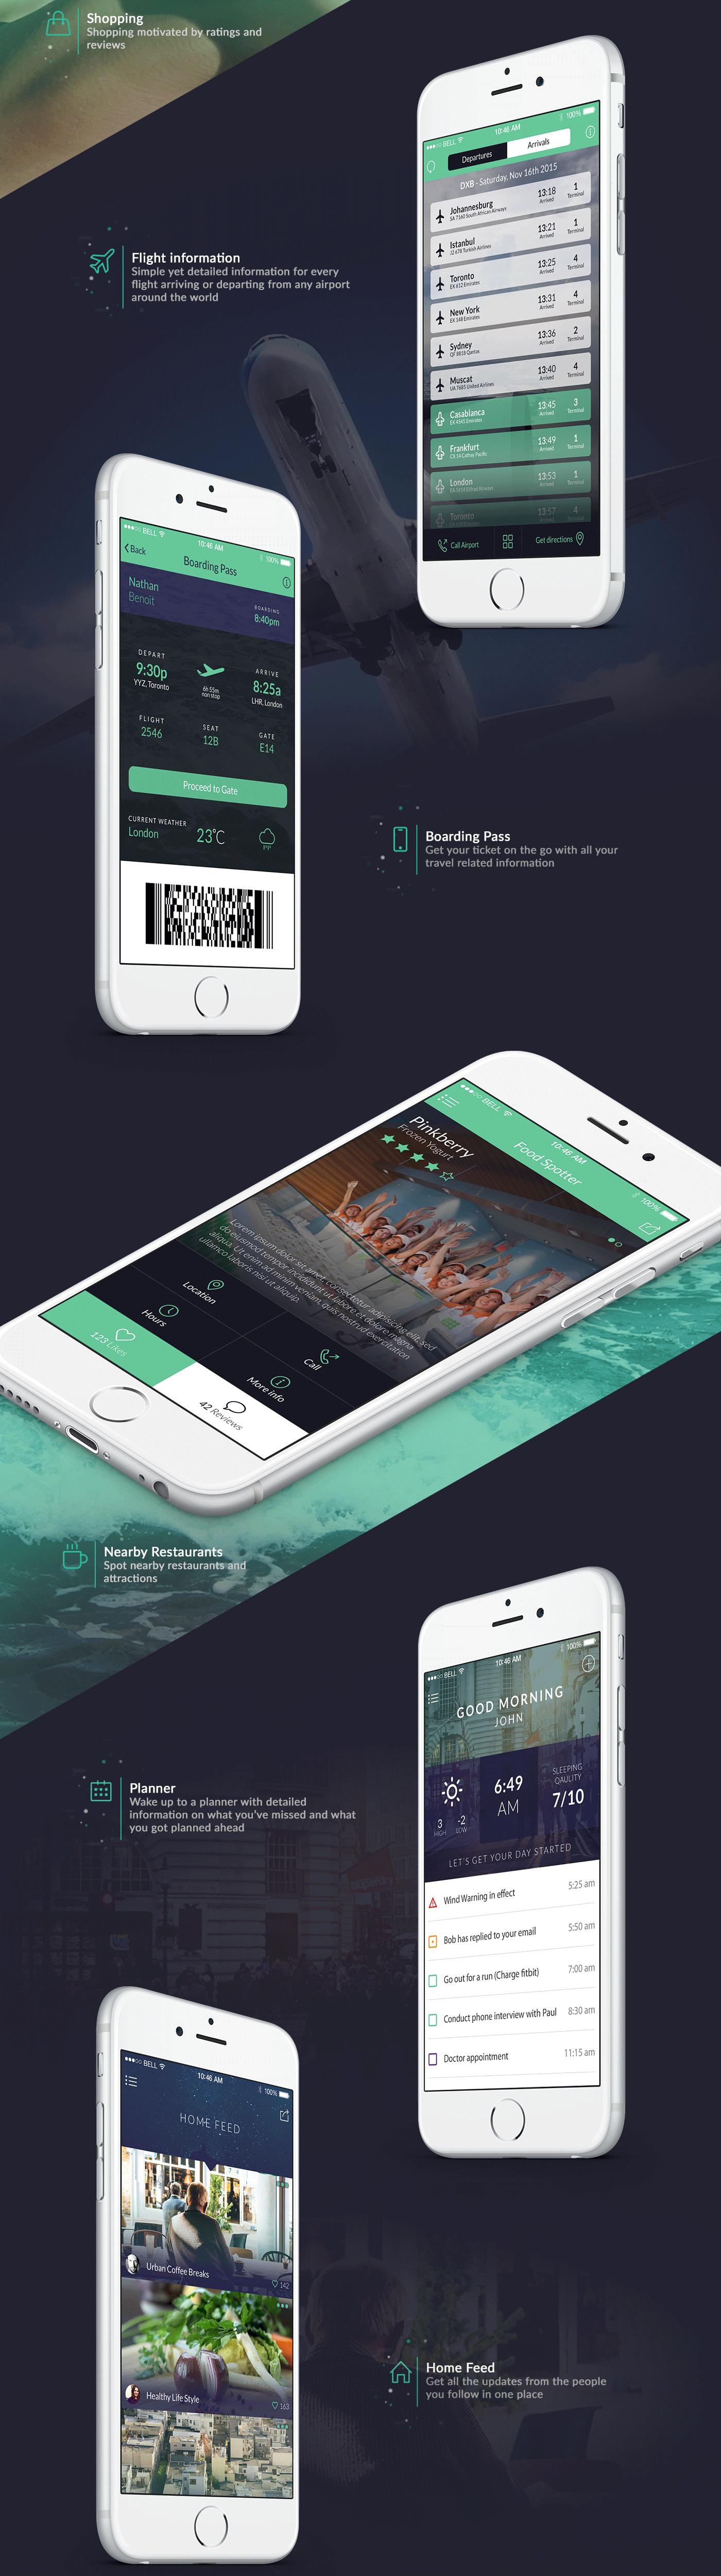 application design template - Dorit.mercatodos.co